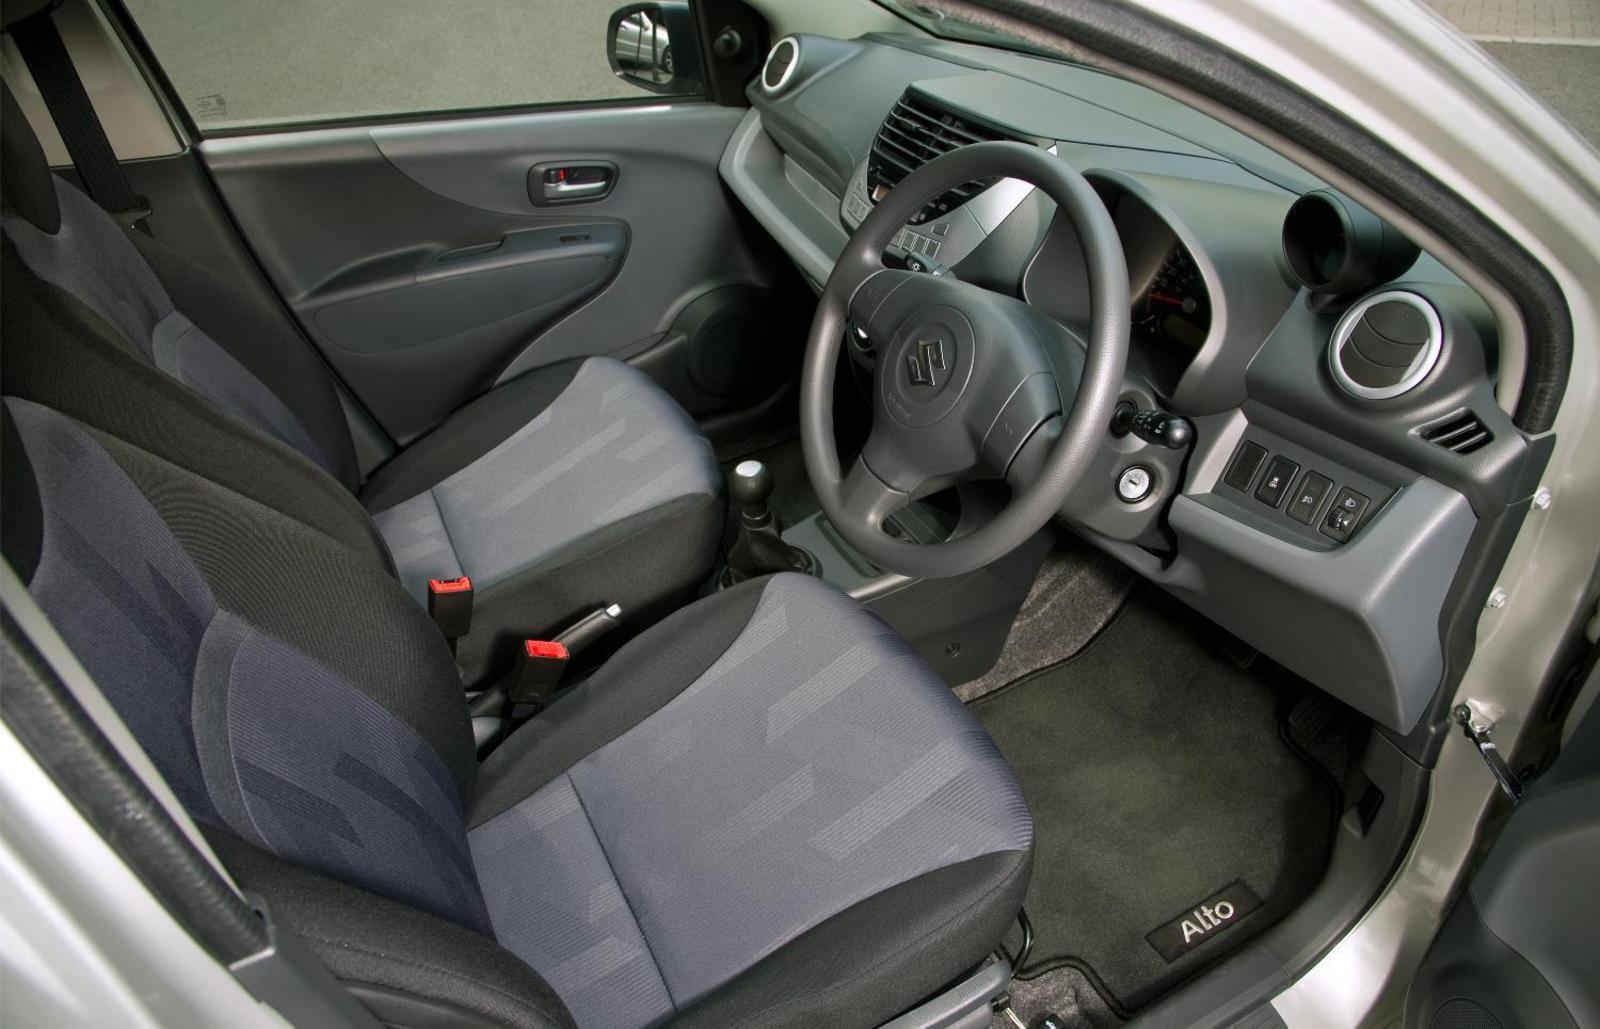 Suzuki Alto 2012 Interior Front Seat Driver